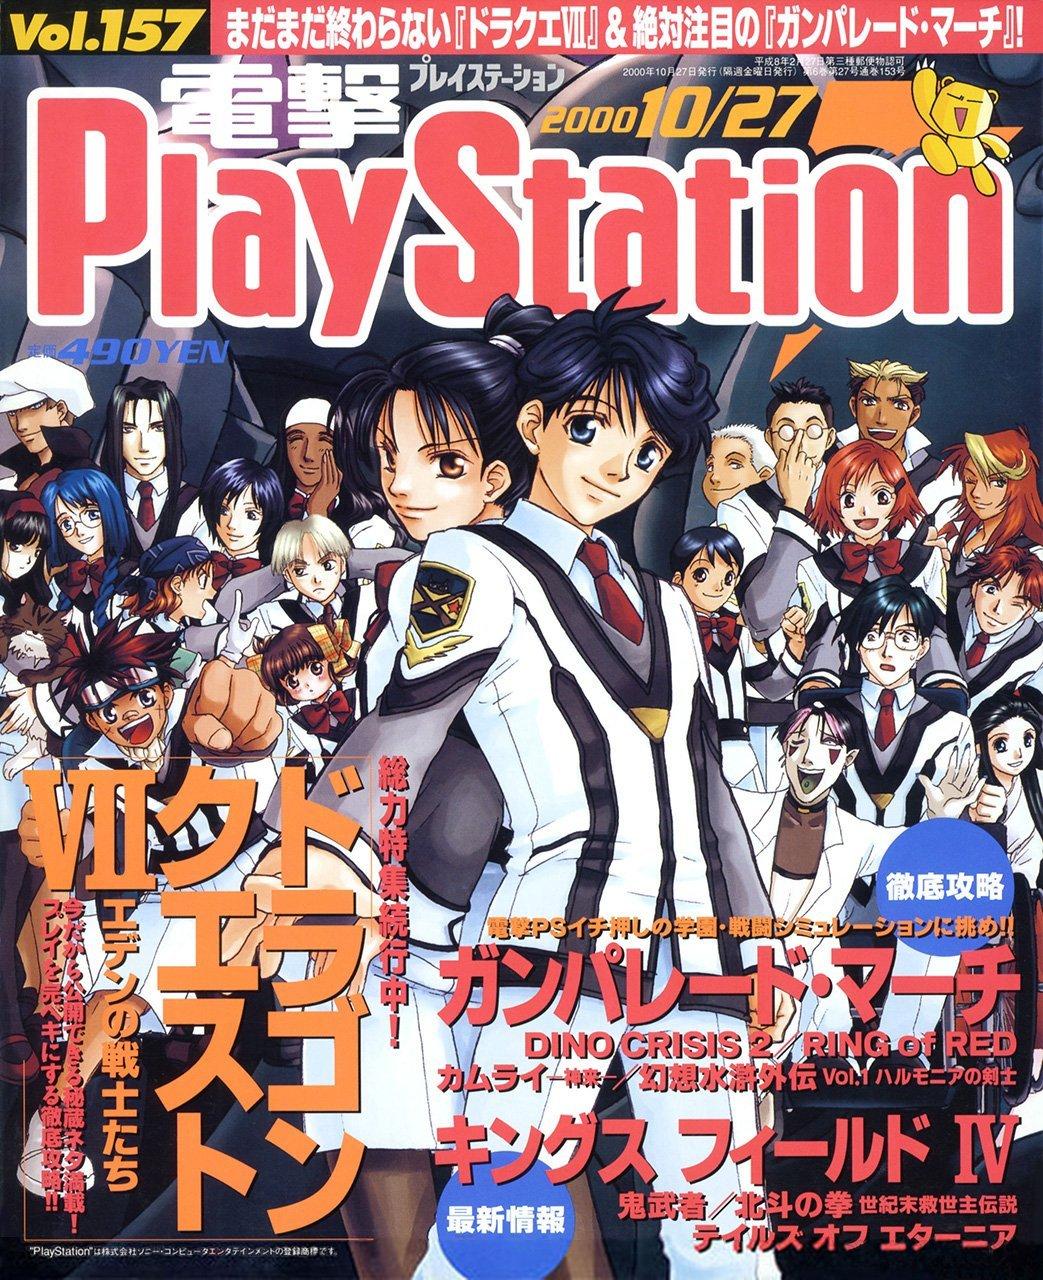 Dengeki PlayStation 157 (October 27, 2000)